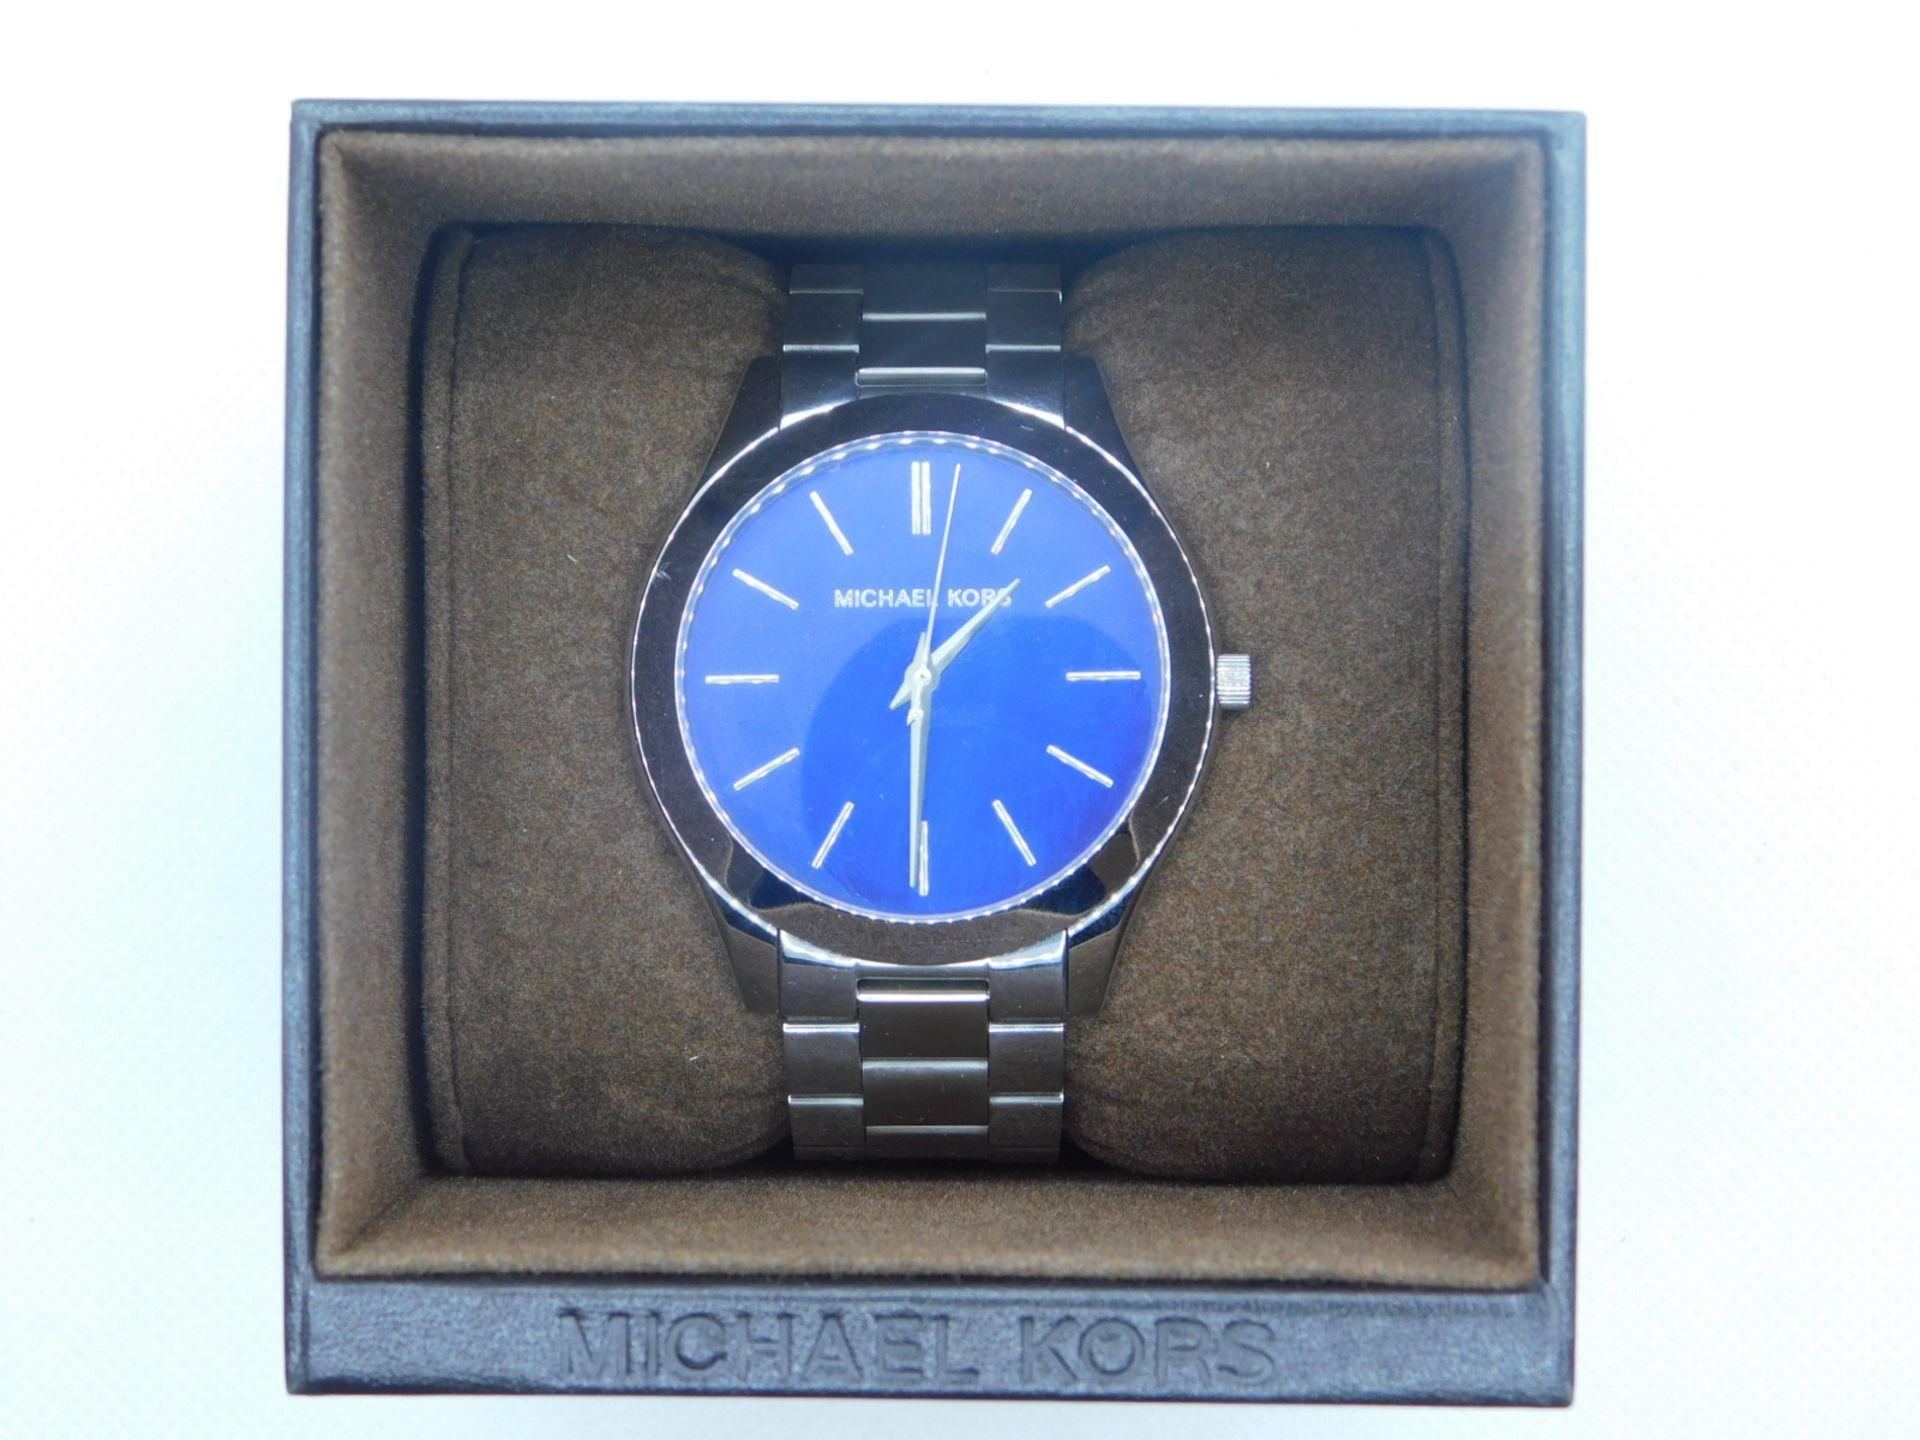 1 BOXED MICHAEL KORS LADIES MK3379 SLIM RUNWAY SILVER STAINLESS STEEL BRACELET WATCH RRP £199